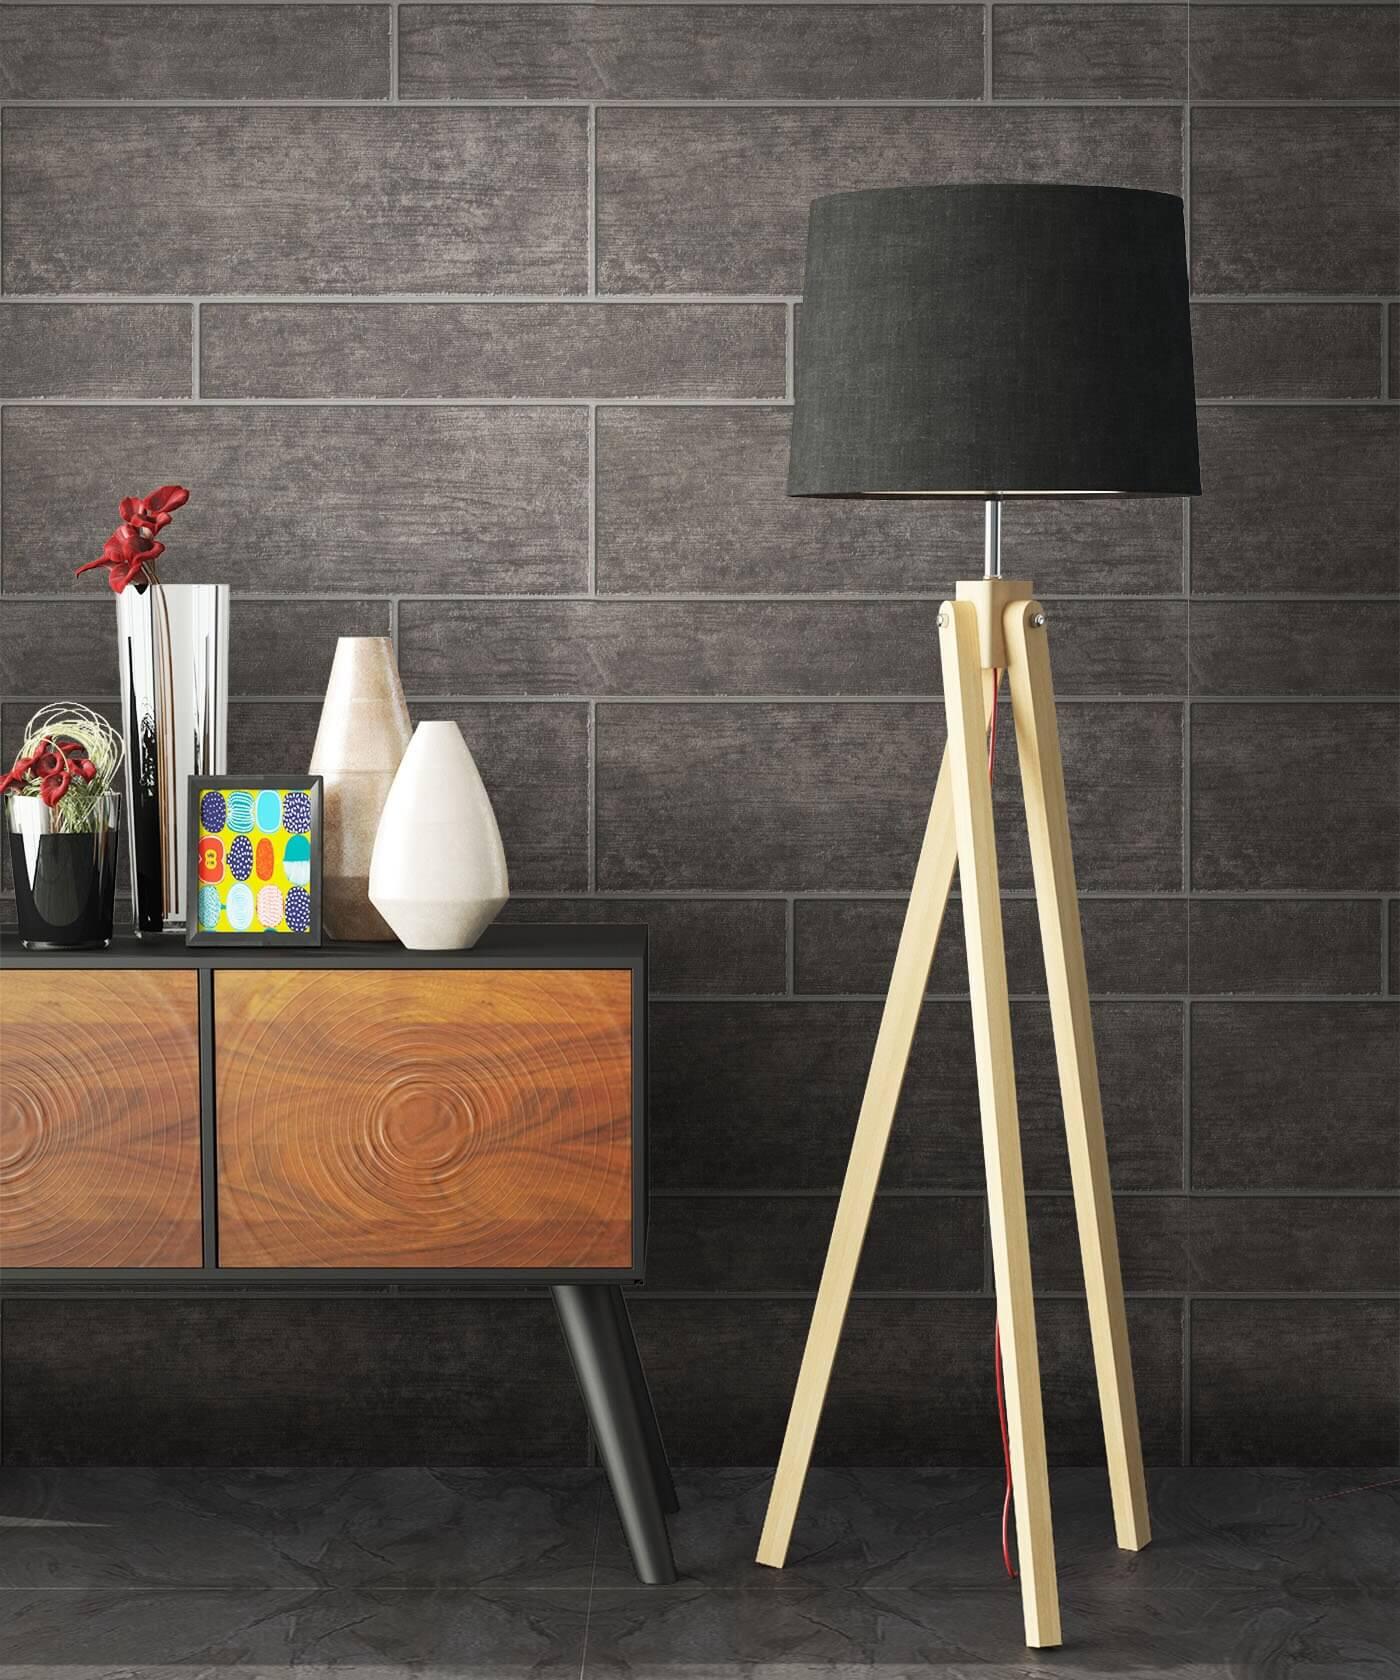 vliestapete anthrazit modern mauer fliesen bad. Black Bedroom Furniture Sets. Home Design Ideas